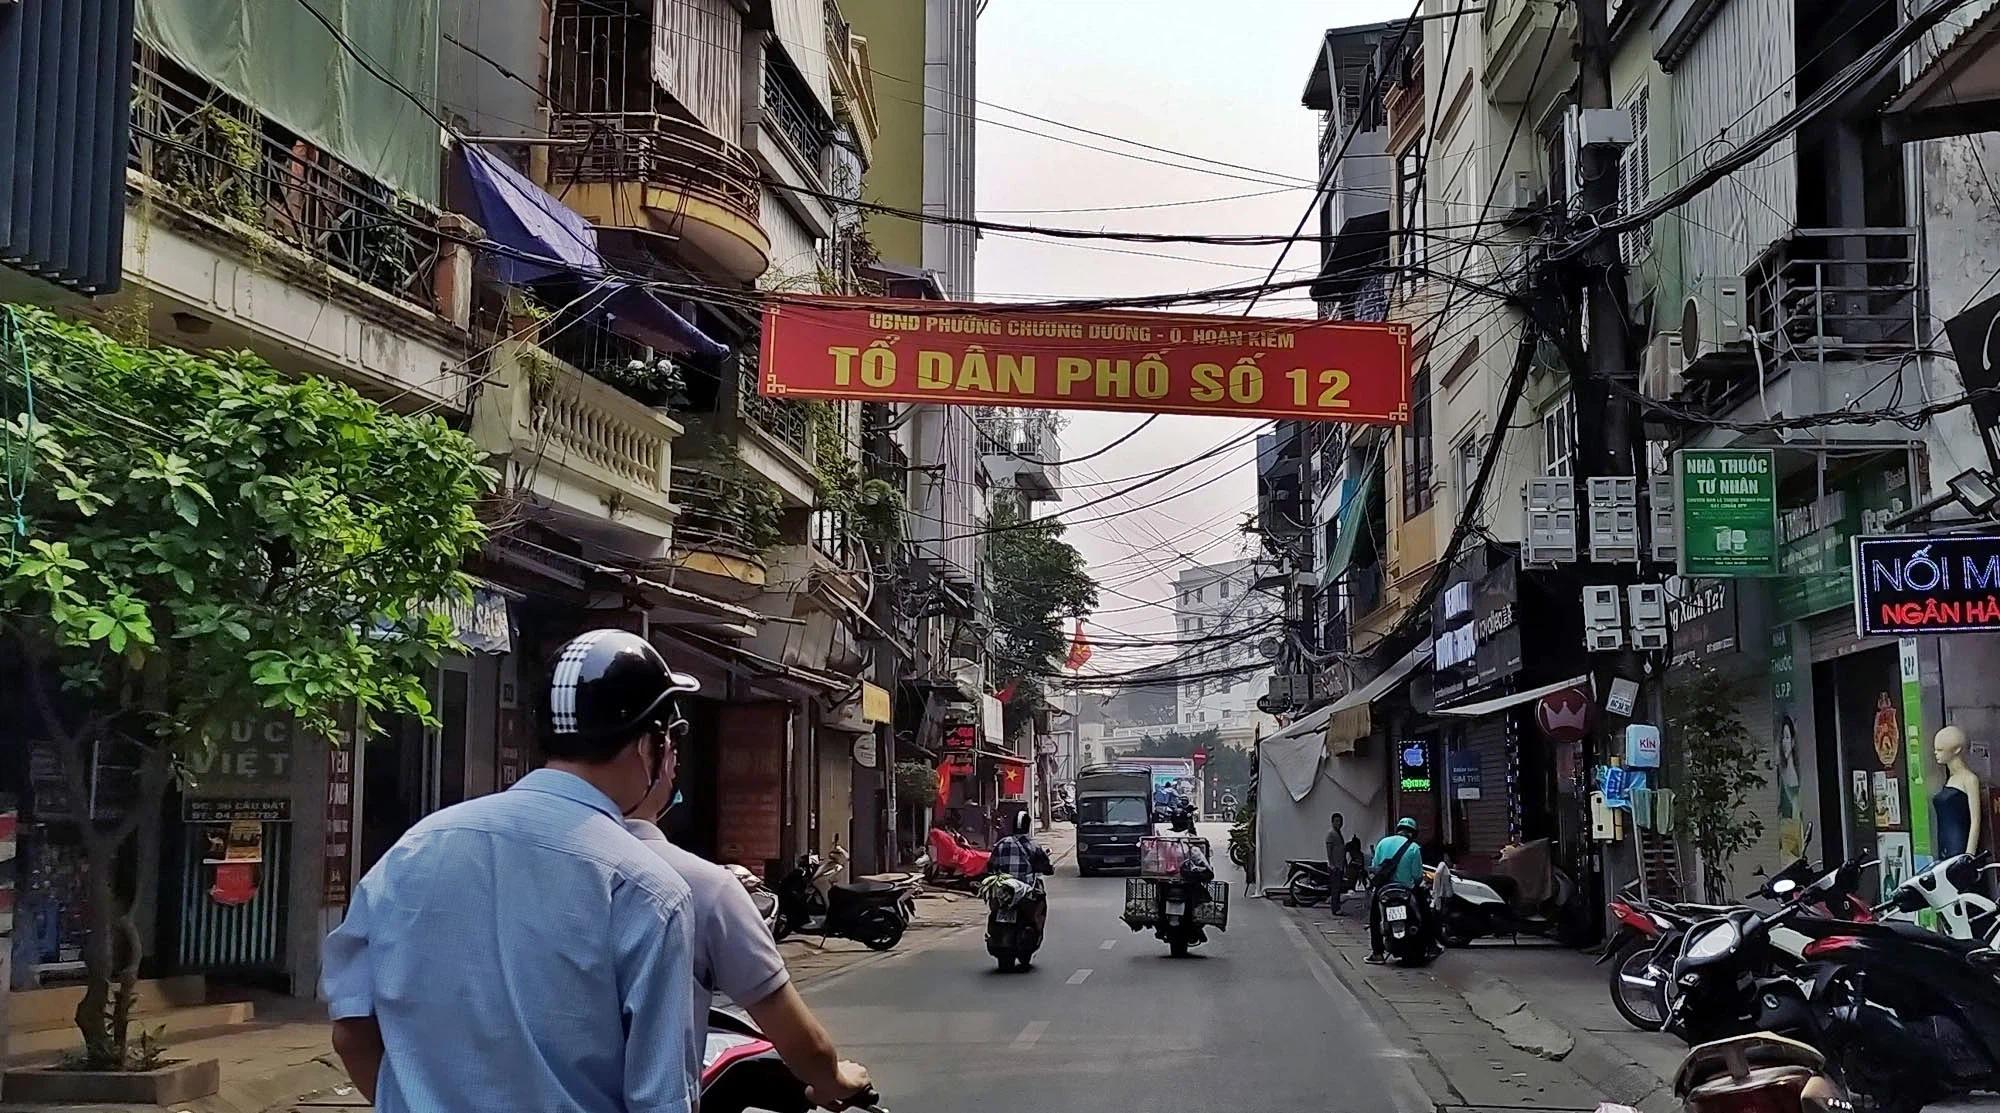 Toàn cảnh hiện trạng Phân khu đô thị sông Hồng trên địa bàn quận Hoàn Kiếm - Ảnh 19.